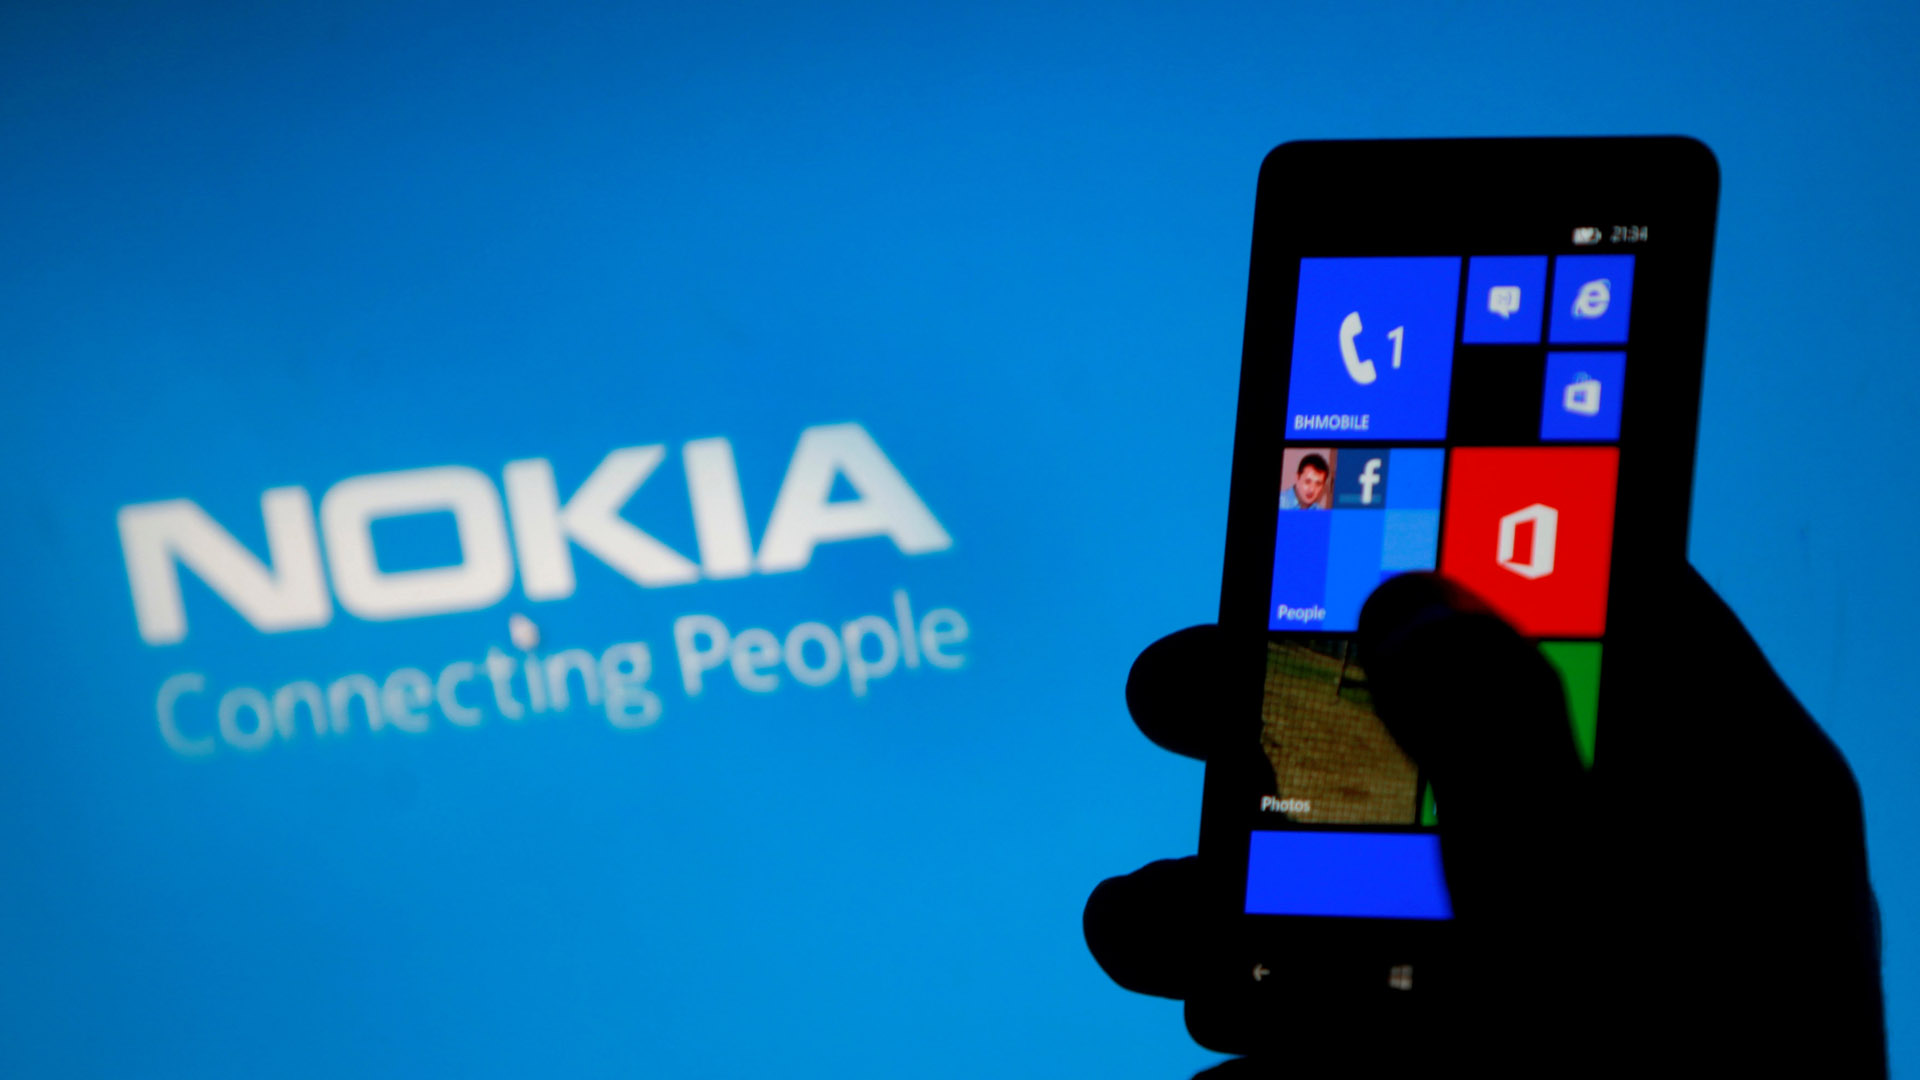 La filandesa volverá en el 2017 con una nueva gama de teléfonos inteligentes y tabletas